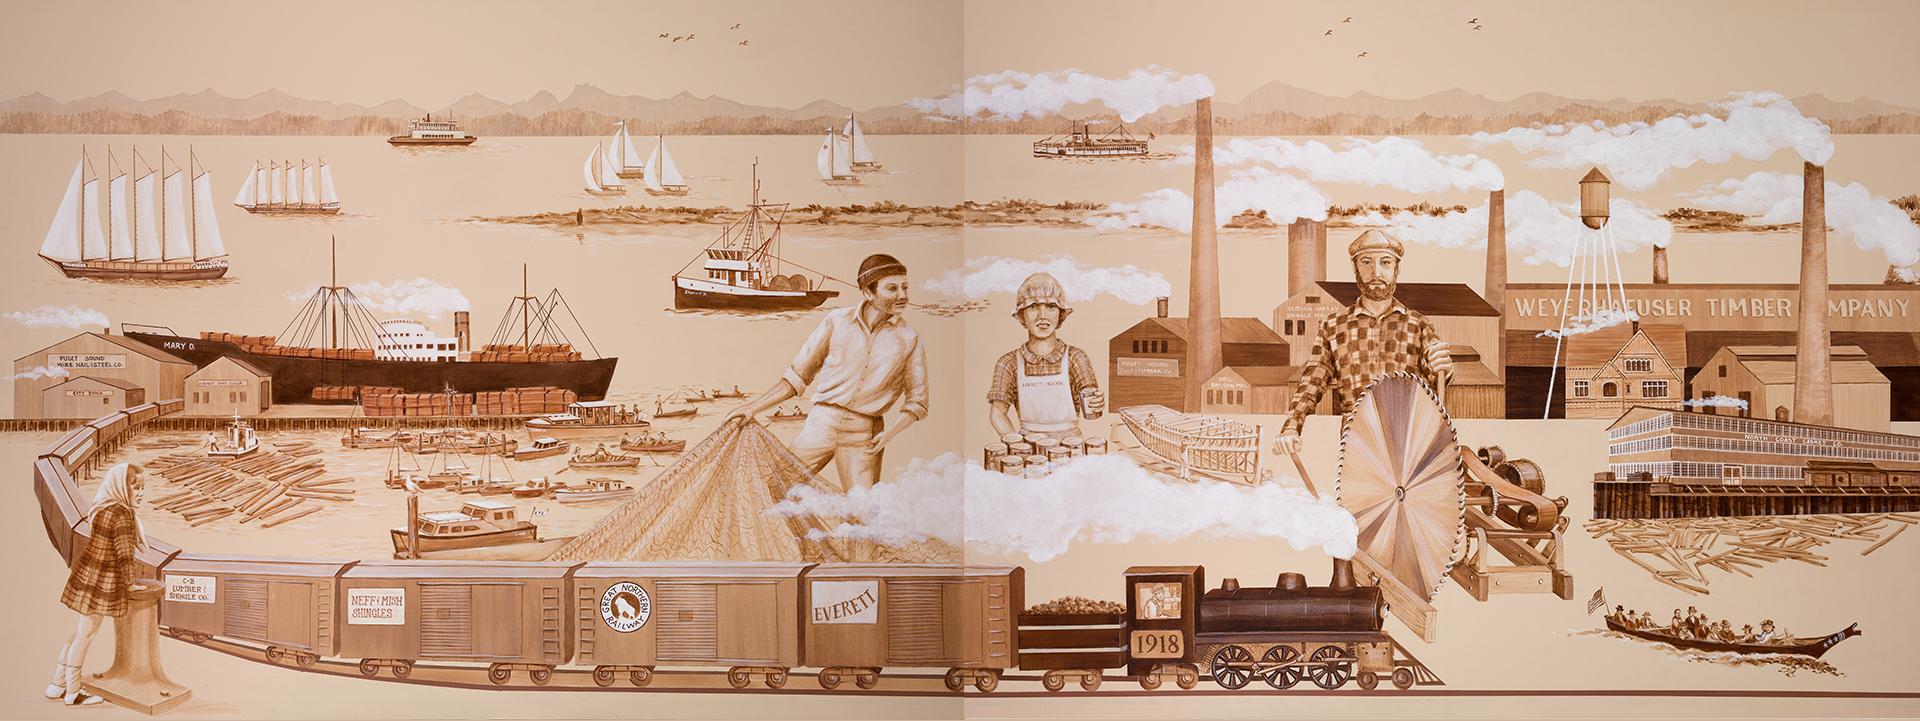 Port of Everett Mural 1